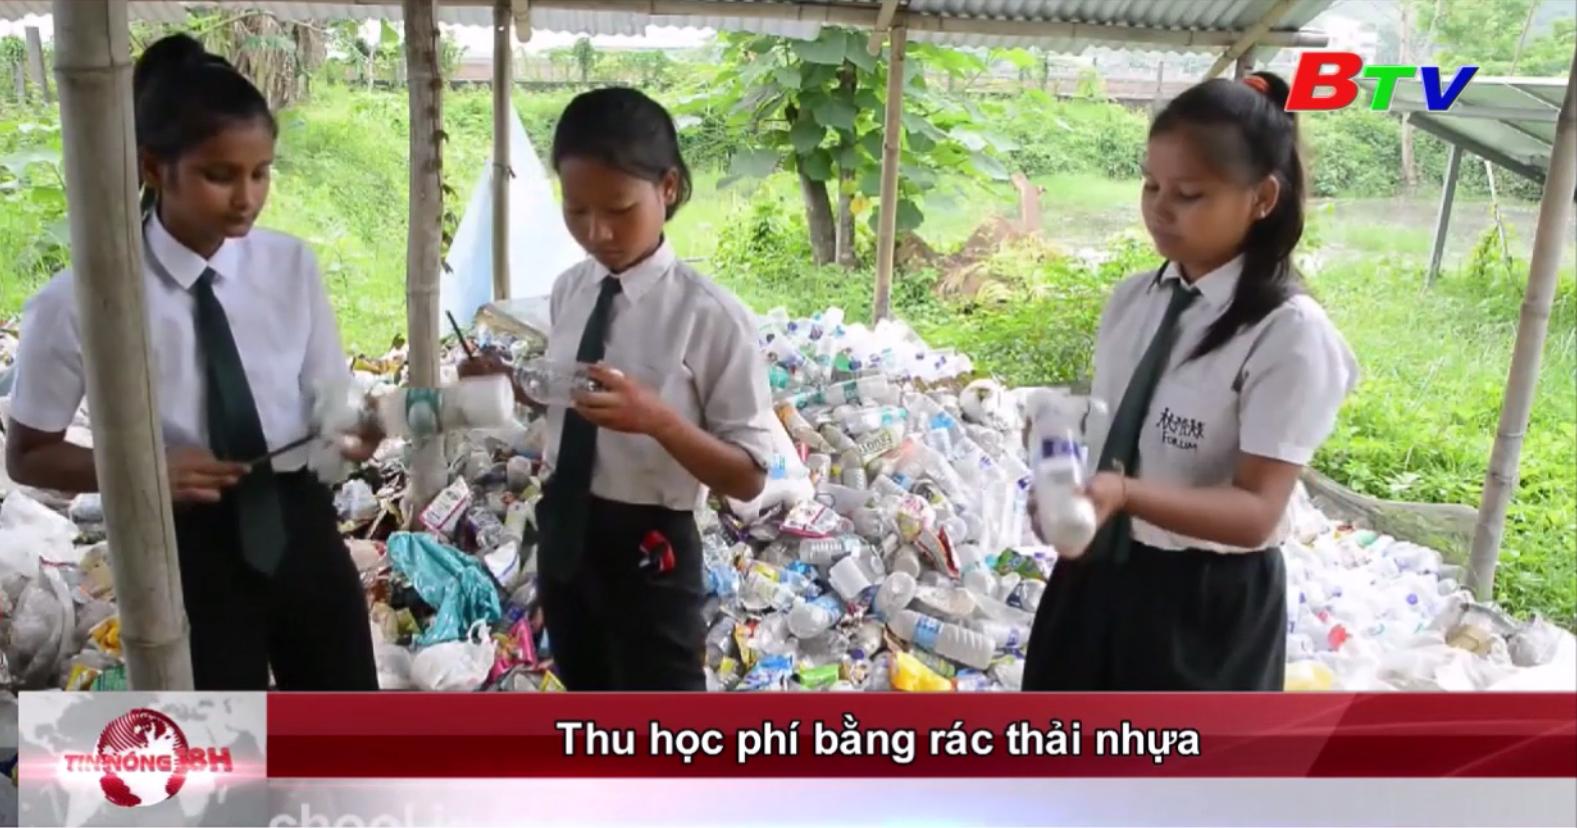 Thu học phí bằng rác thải nhựa